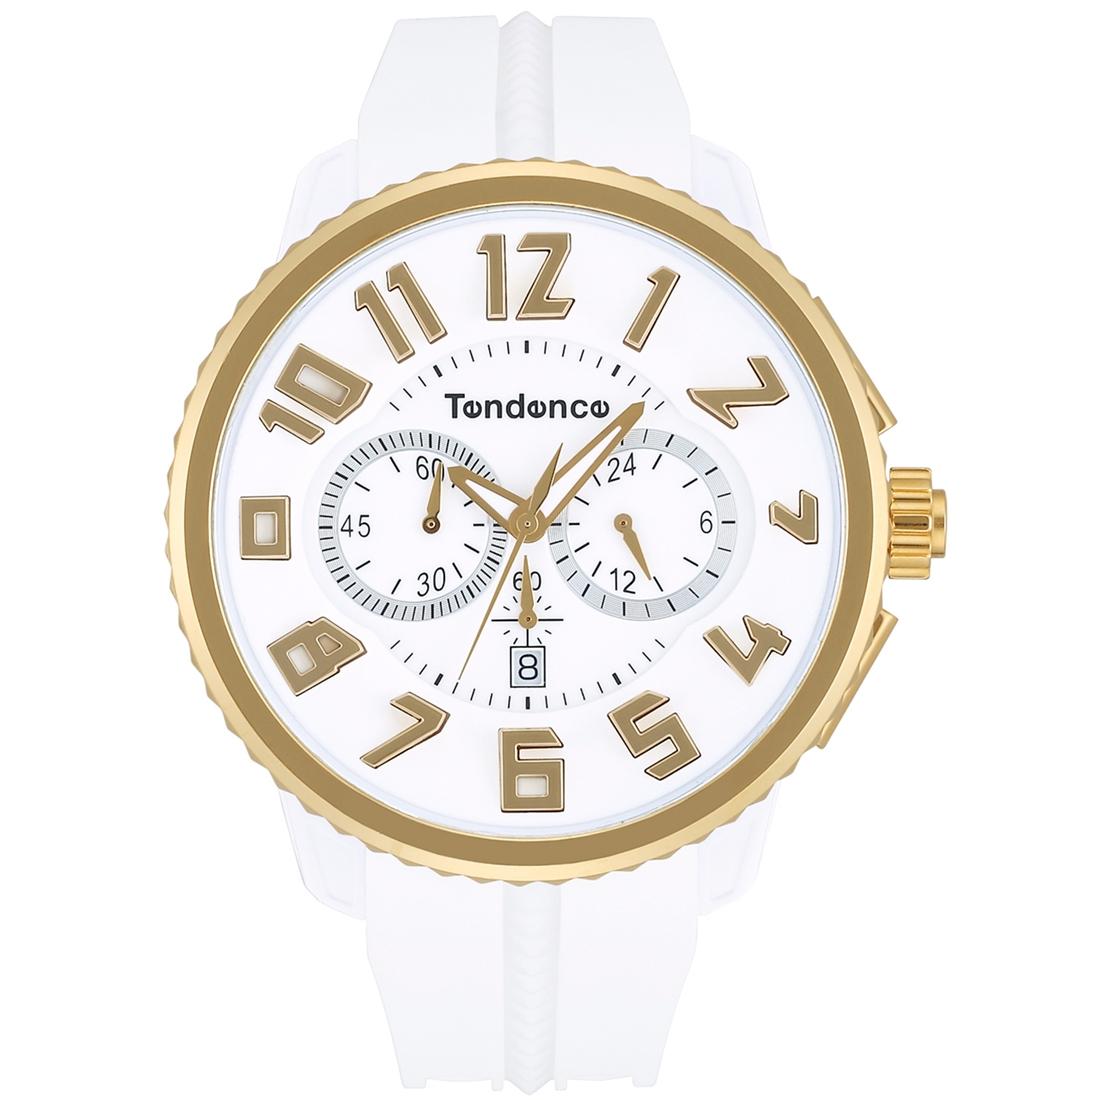 【今ならオーバーサイズノートプレゼント】 テンデンス Tendence TY046019 ガリバー ラウンド 正規品 腕時計